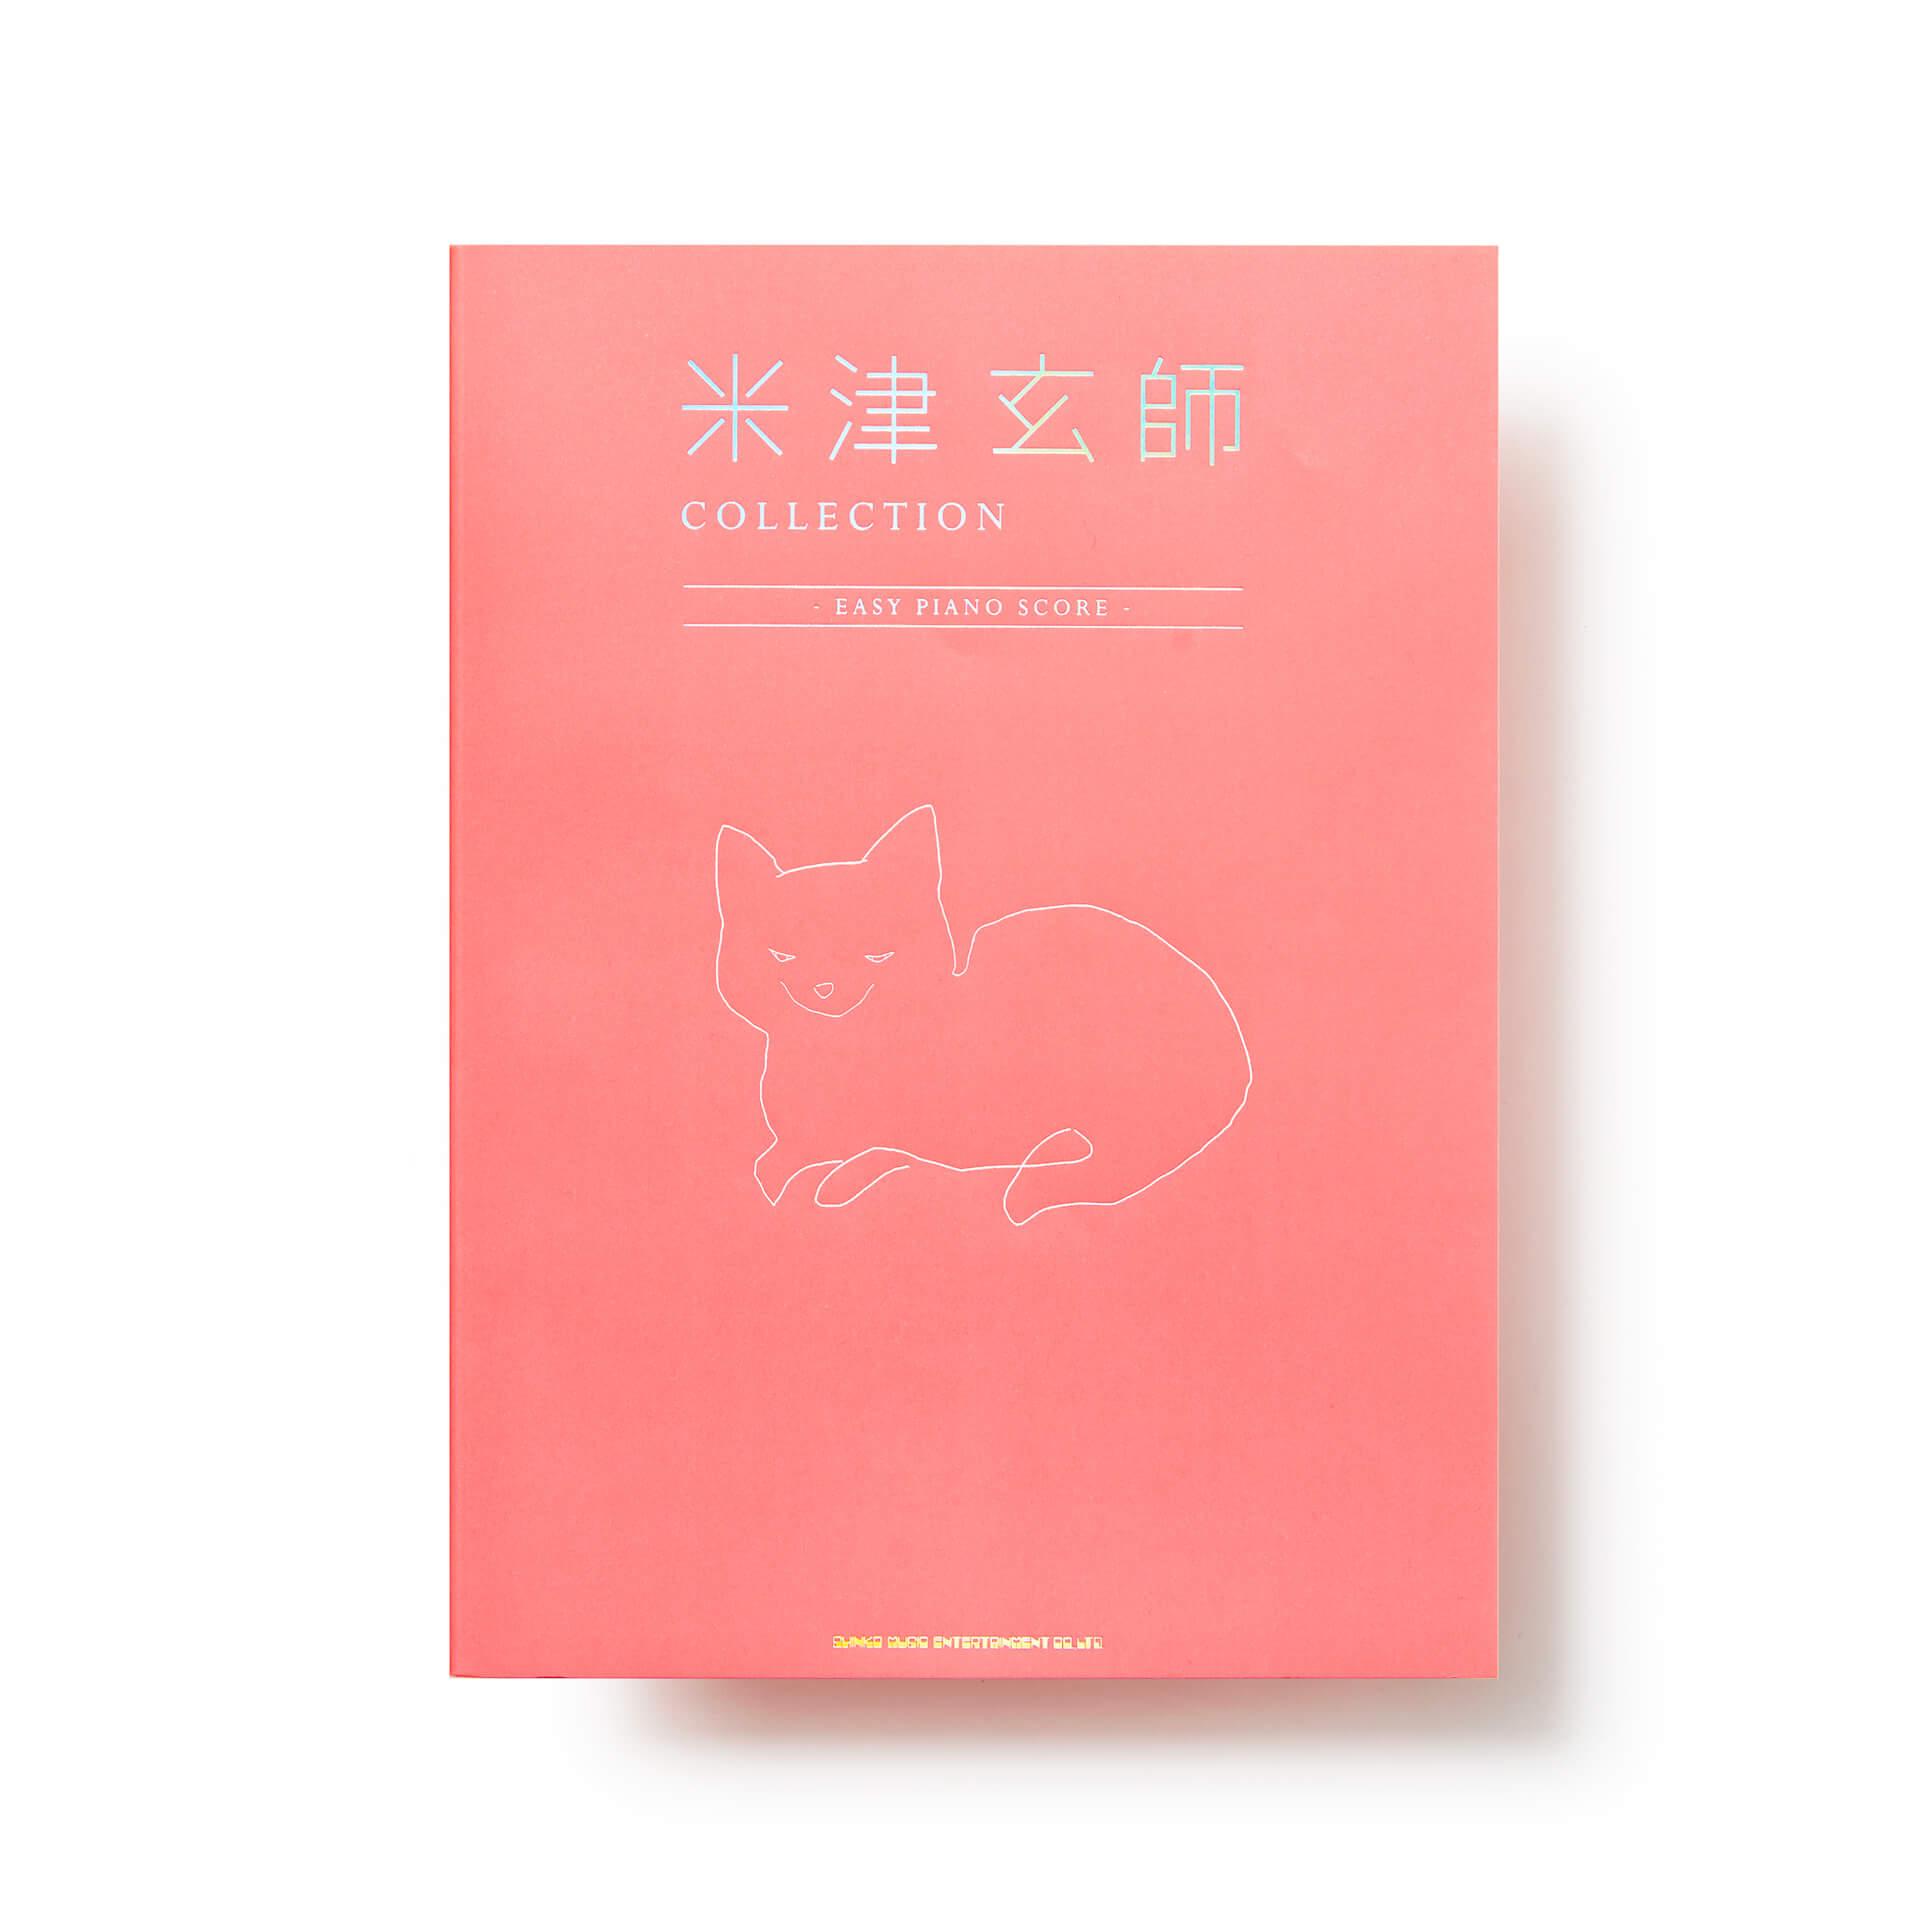 米津玄師『STRAY SHEEP』のスコアブック5冊が発売決定!「米津玄師COLLECTION」となるピアノスコアも music210709_yonezukenshi_scorebook_5